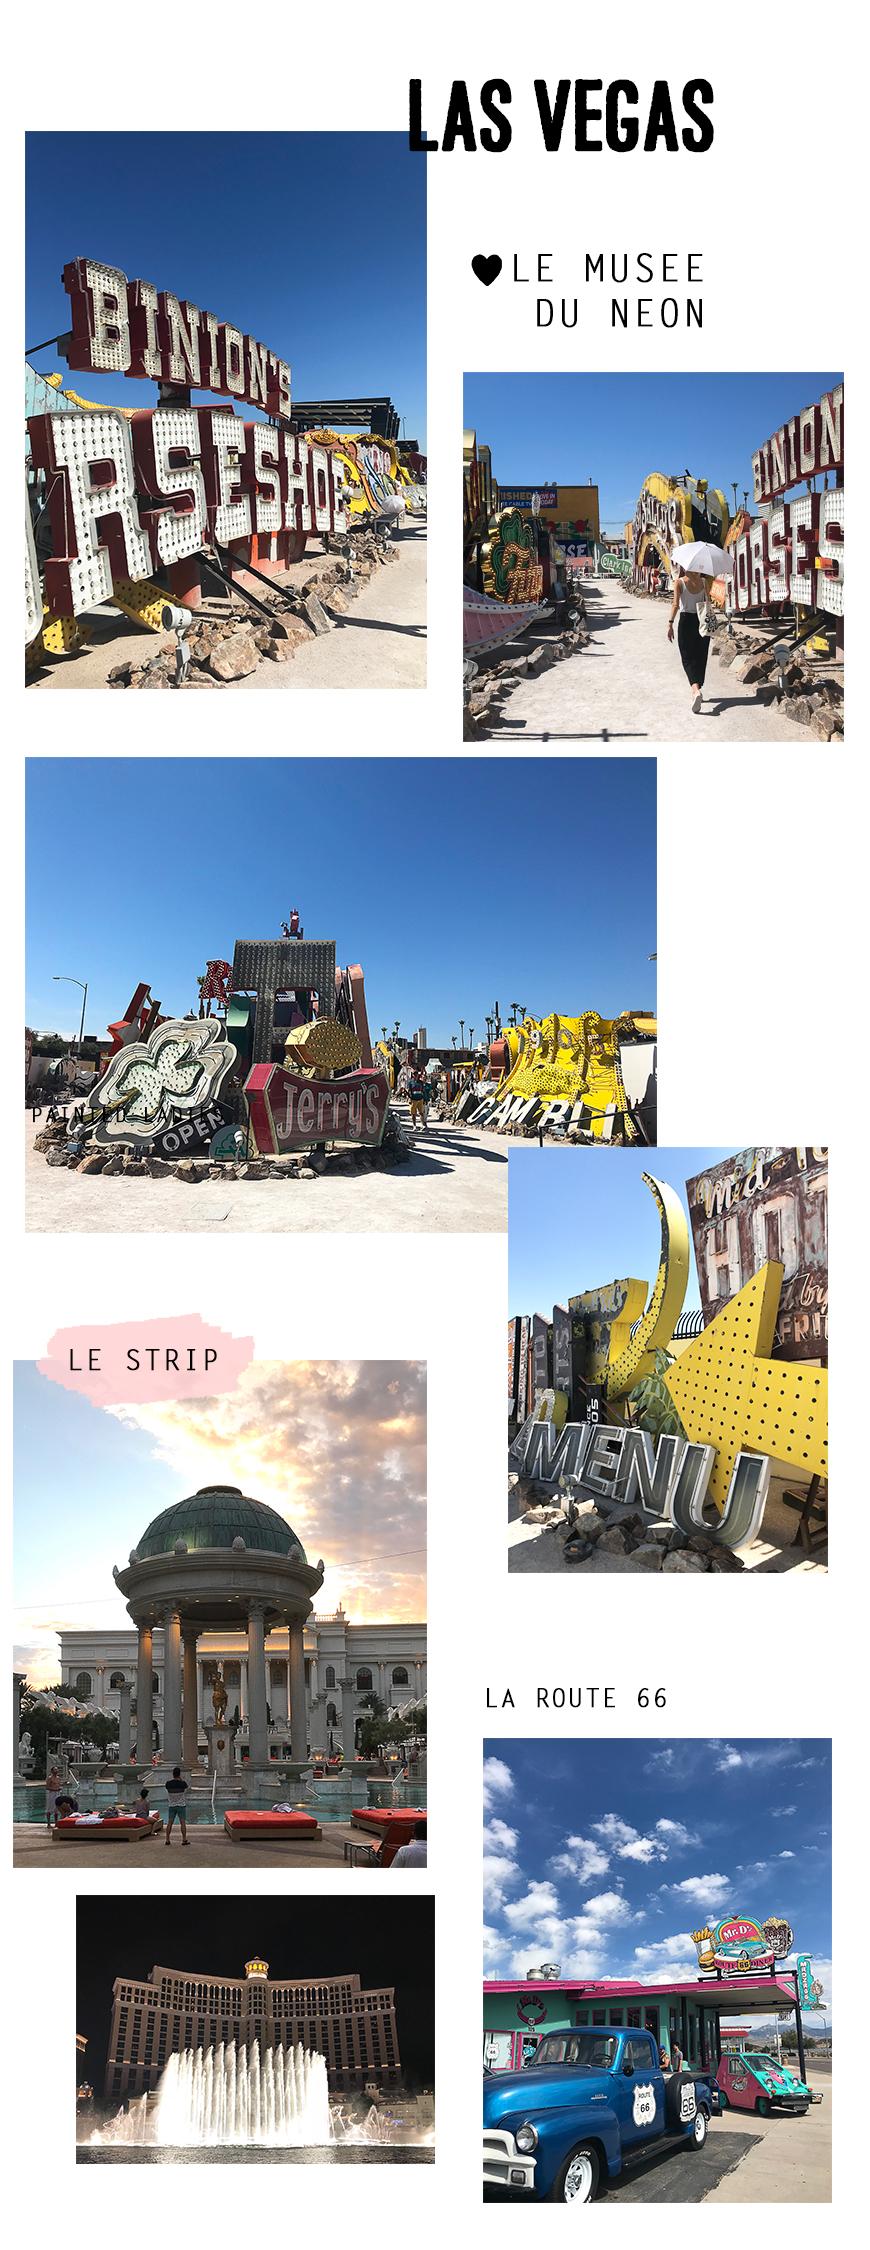 las-vegas-road-trip-usa-adresse-tips-mademoiselle-claudine-